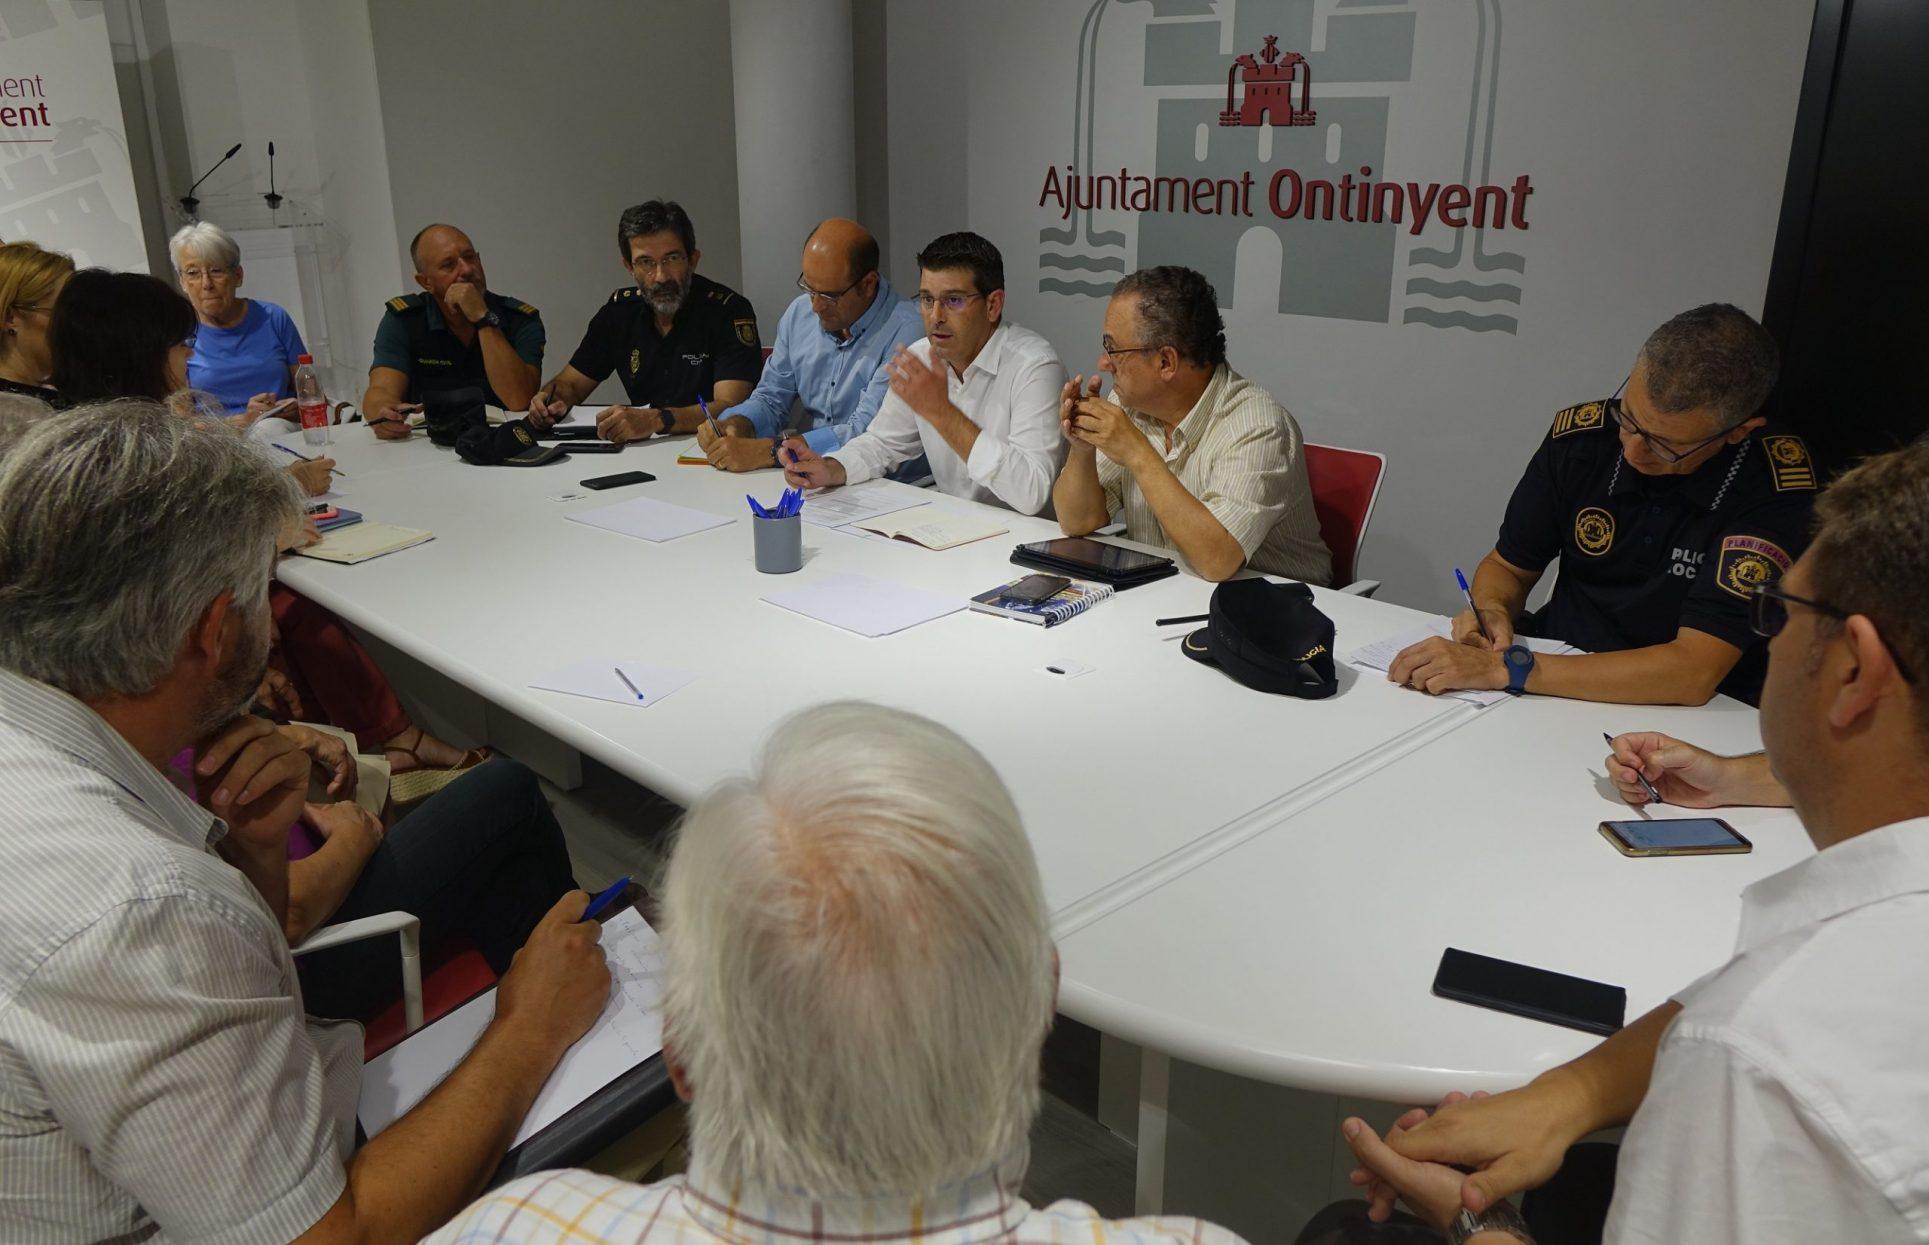 Ontinyent, la ciutat amb menys delictes de la Comunitat Valenciana El Periòdic d'Ontinyent - Noticies a Ontinyent